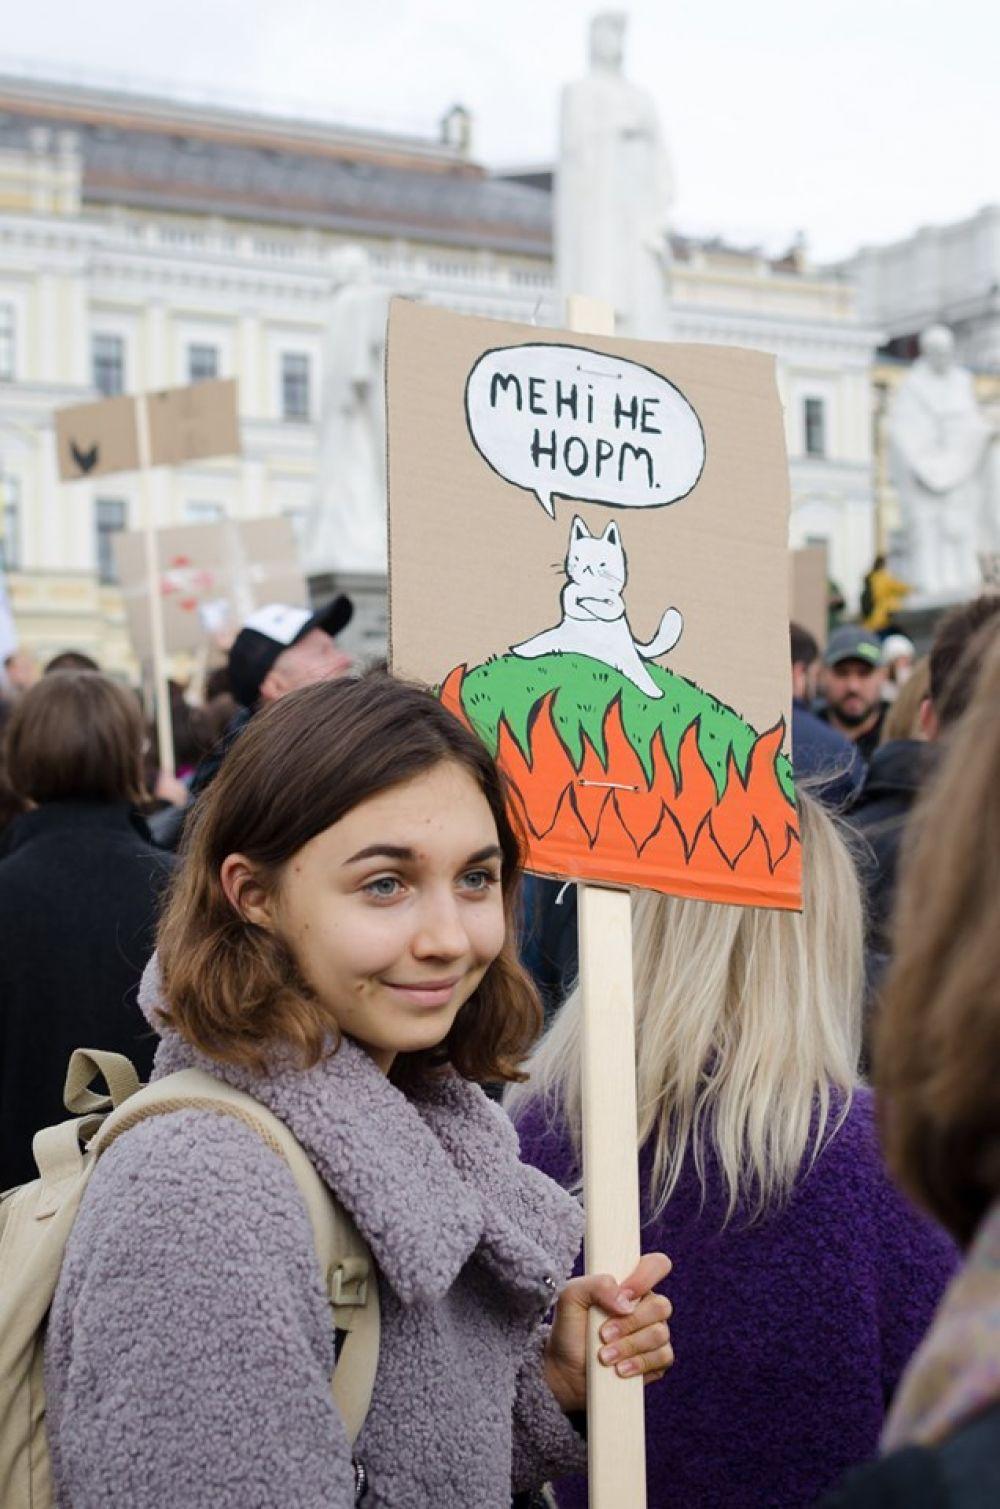 В пятницу, 20 сентября, в Киеве прошло еще одно важное экологическое мероприятие - Марш за климат.